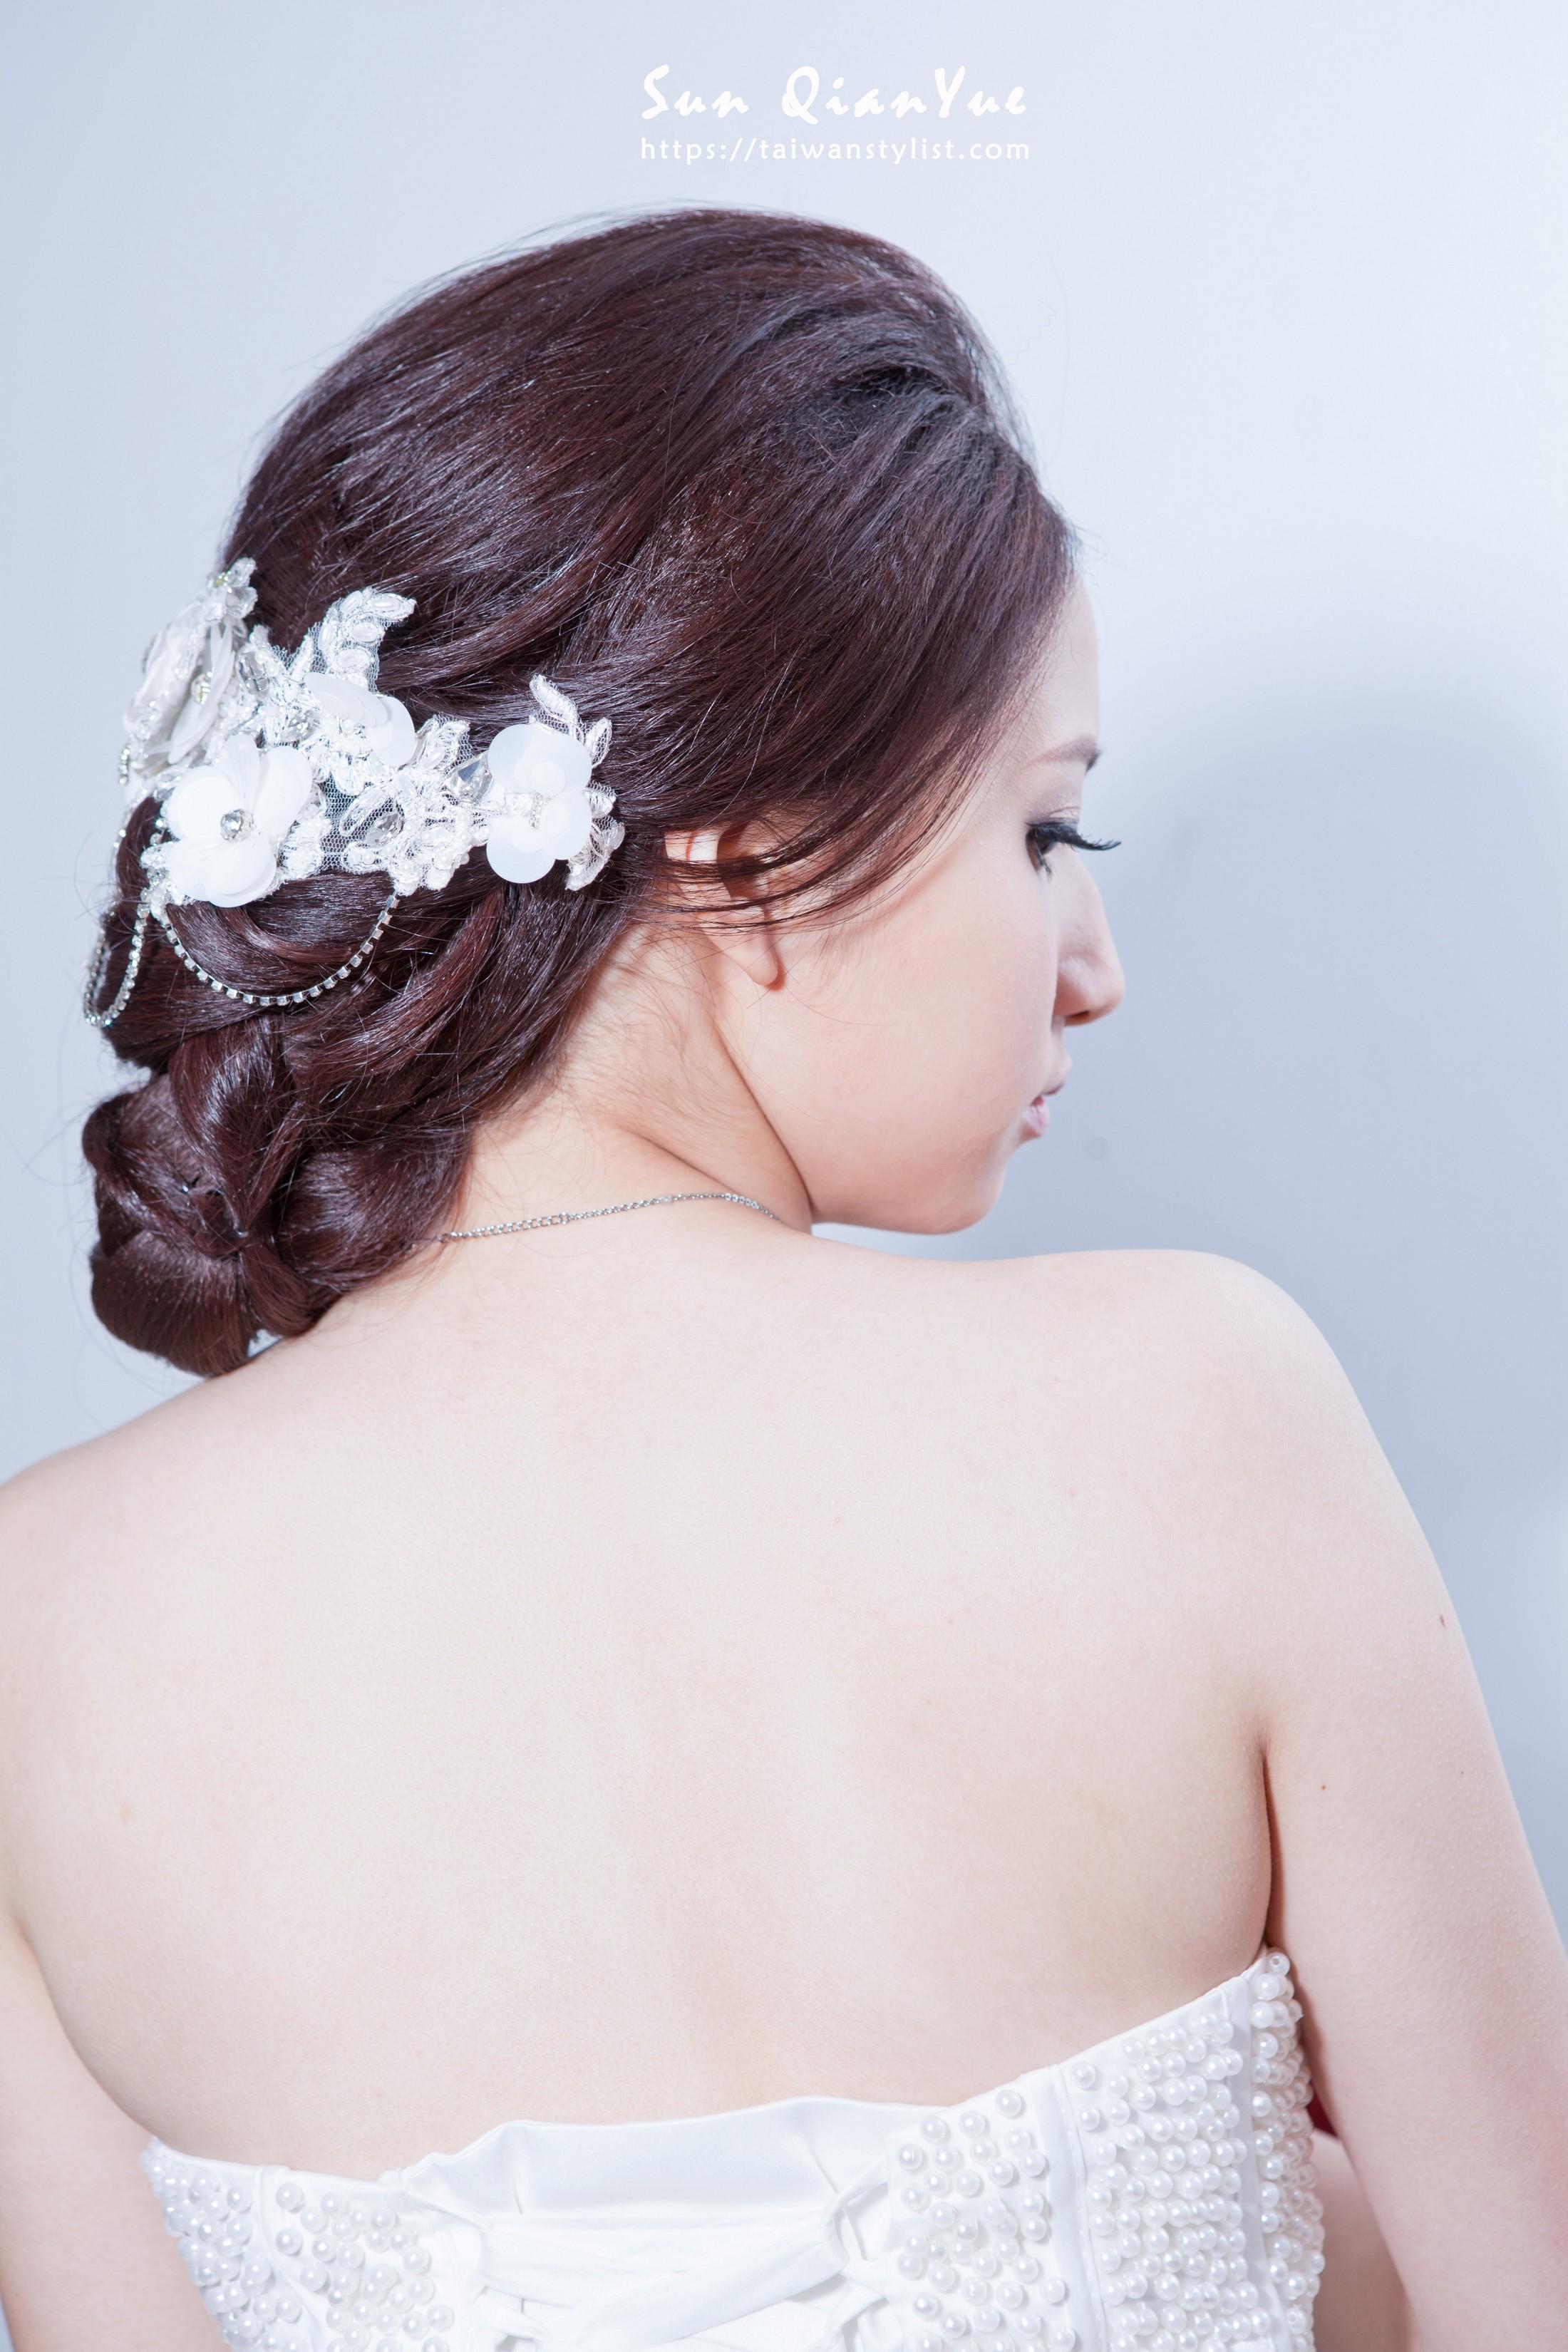 【包頭新娘】簡單的裝飾也能把包頭造型變得不平凡